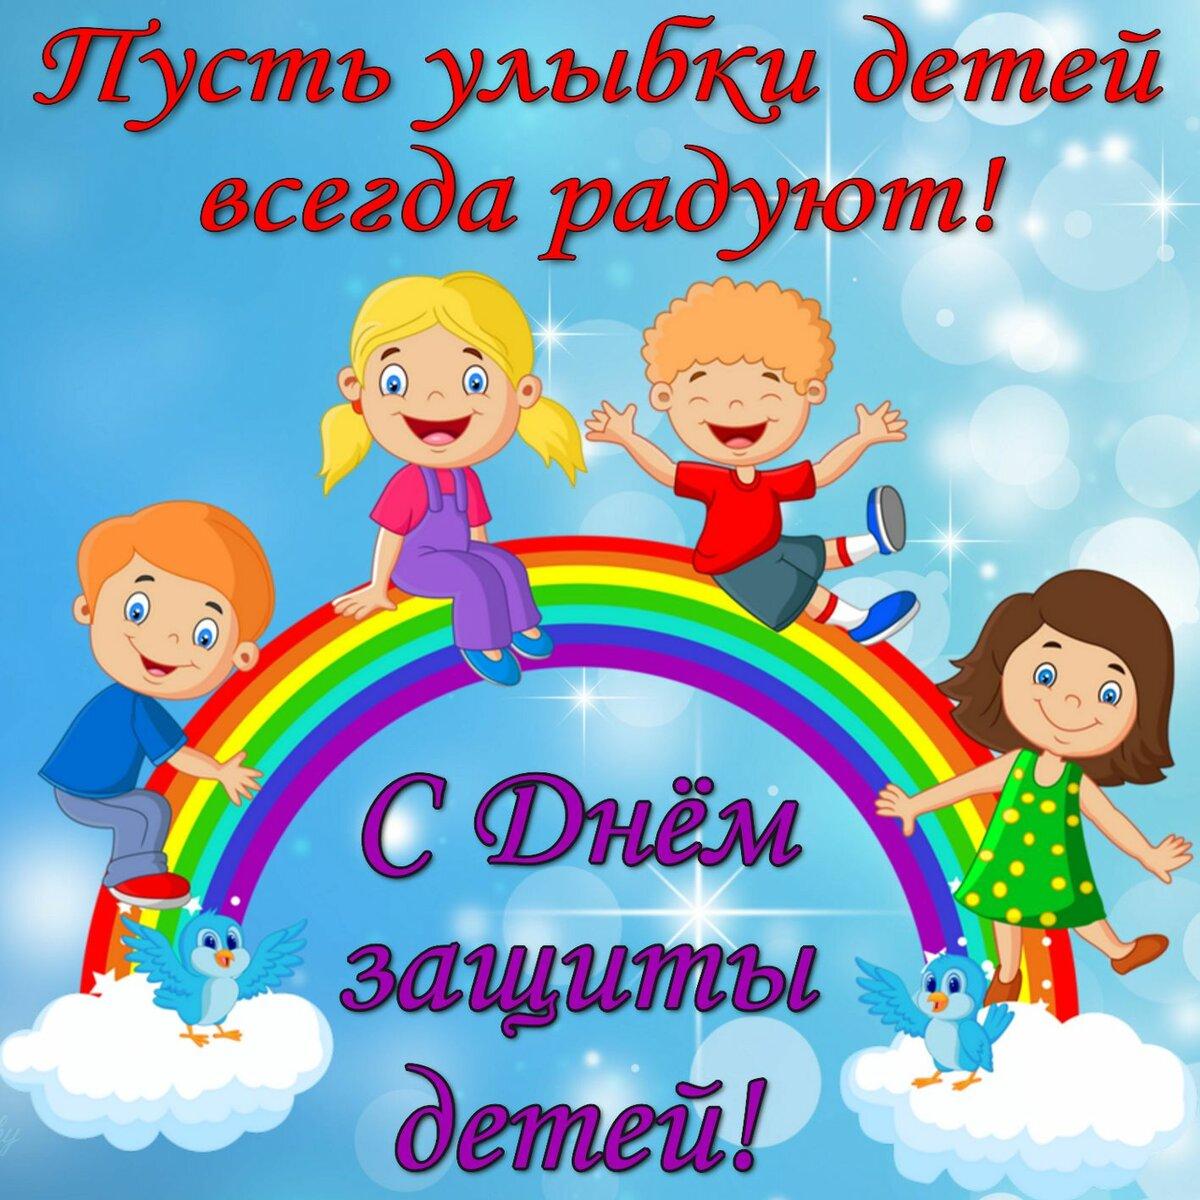 Картинка с поздравлением ко дню защиты детей